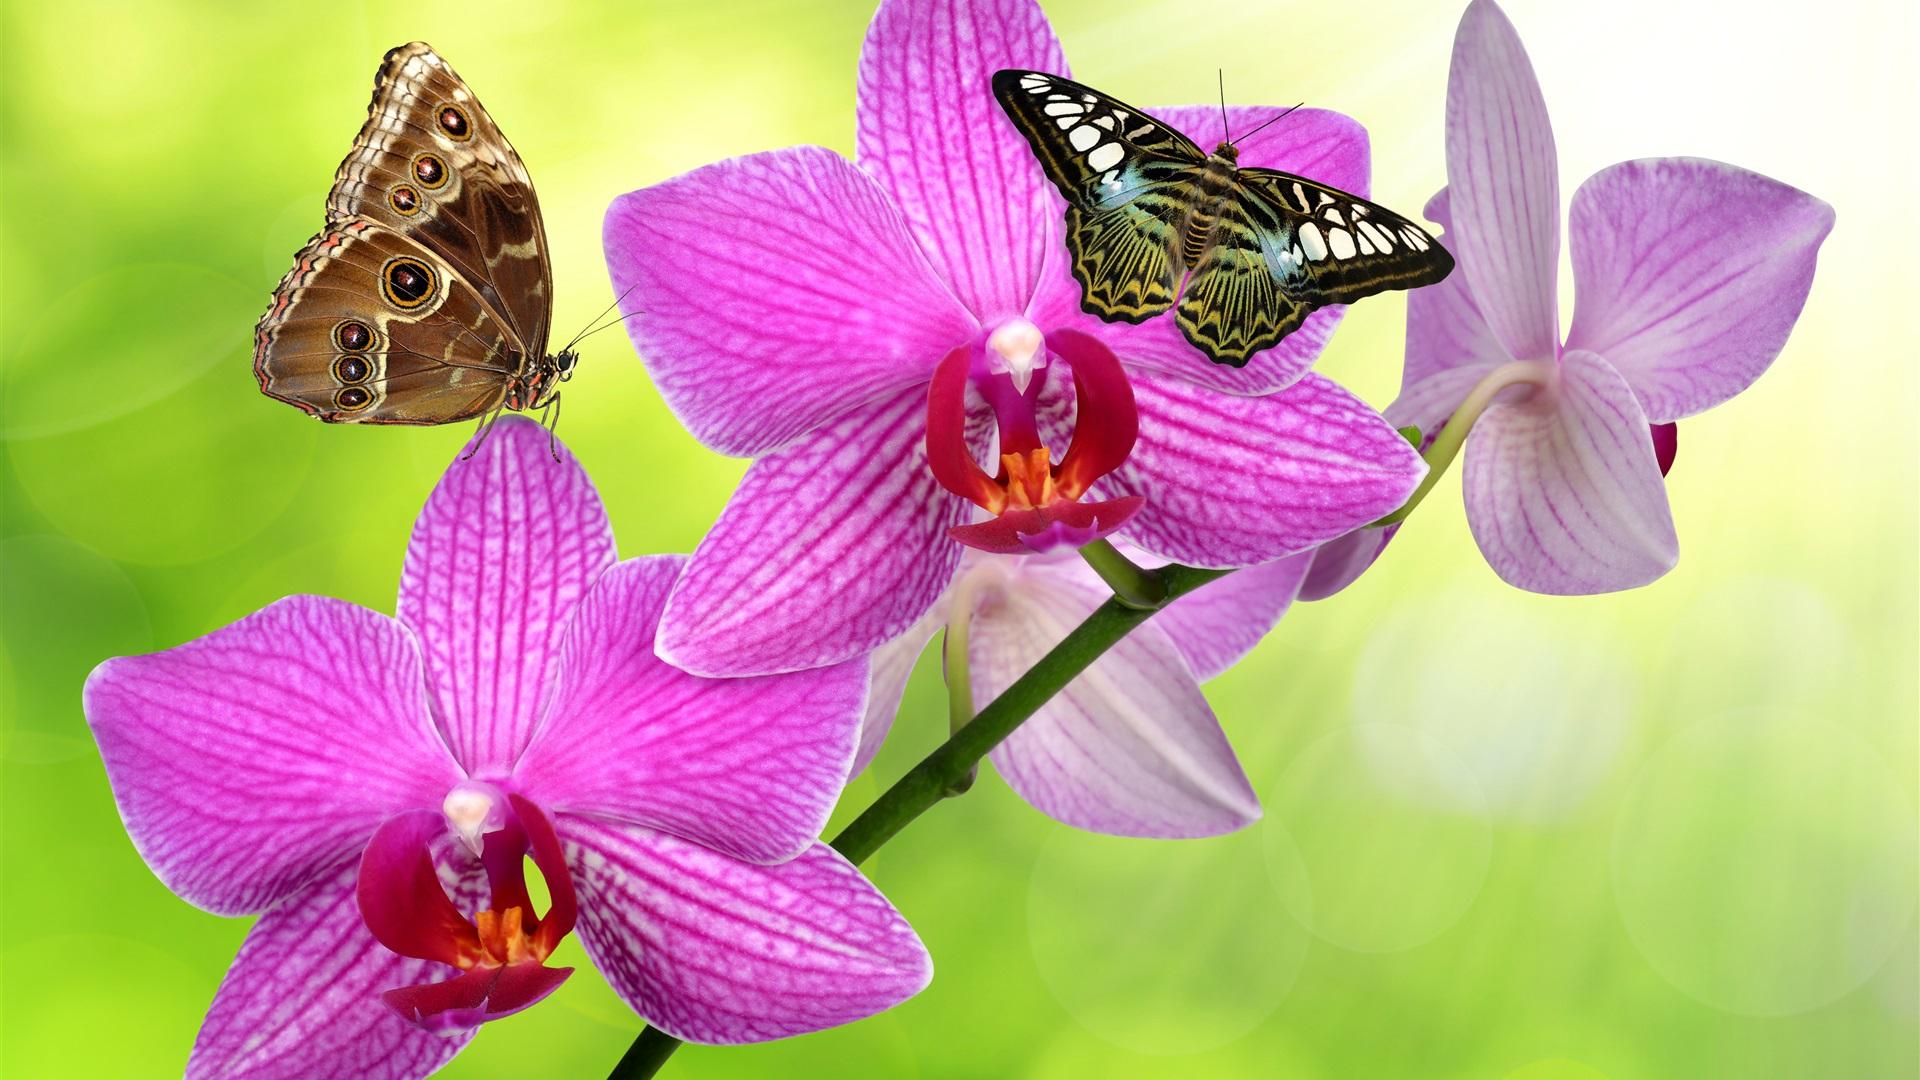 foto de Fonds d'écran Phalaenopsis fleurs roses, papillon 3840x2160 UHD 4K ...